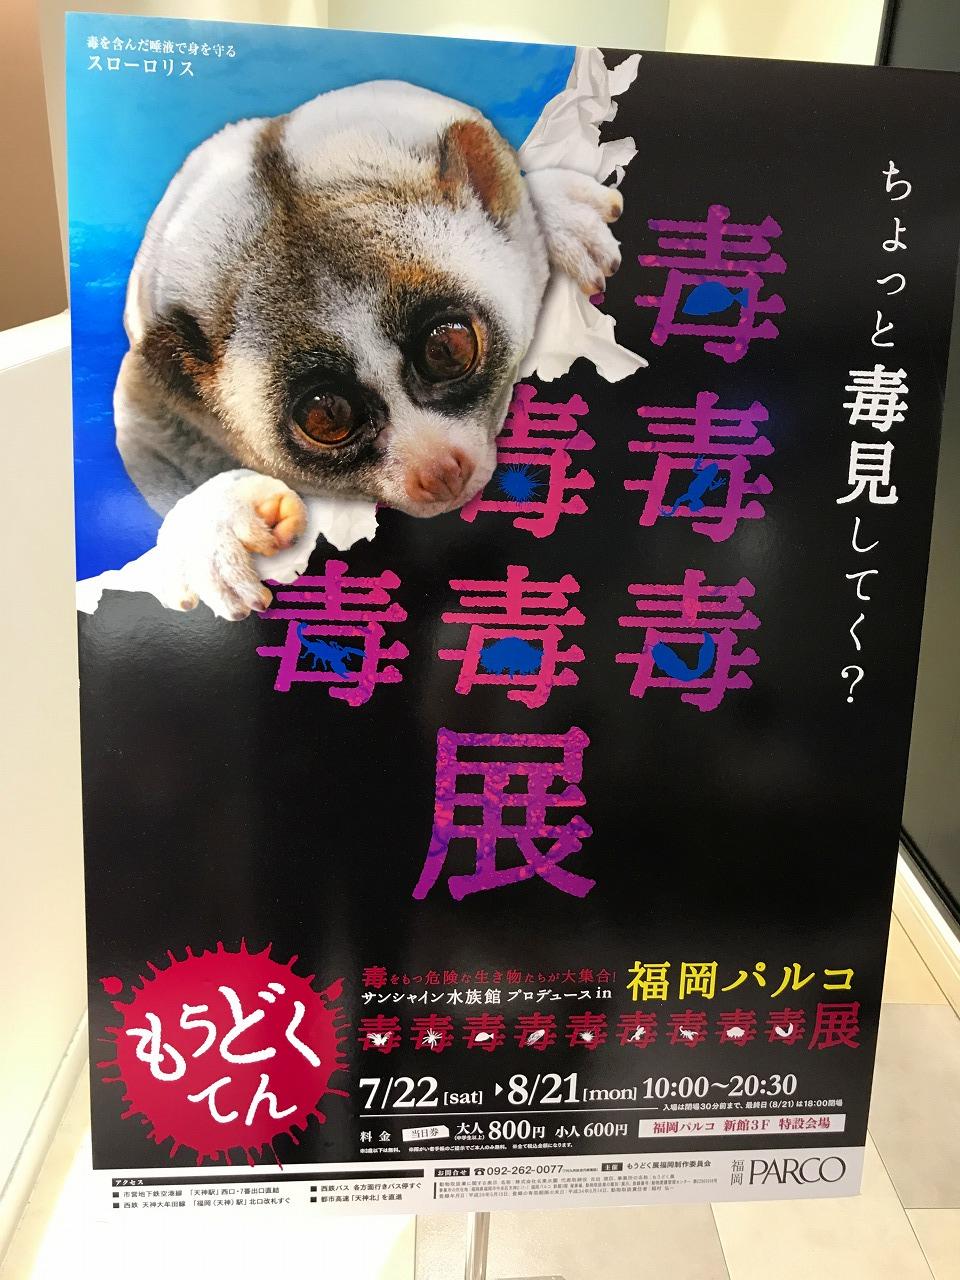 毒毒毒毒毒毒毒毒毒展もうどくてん福岡PARCO開催中!